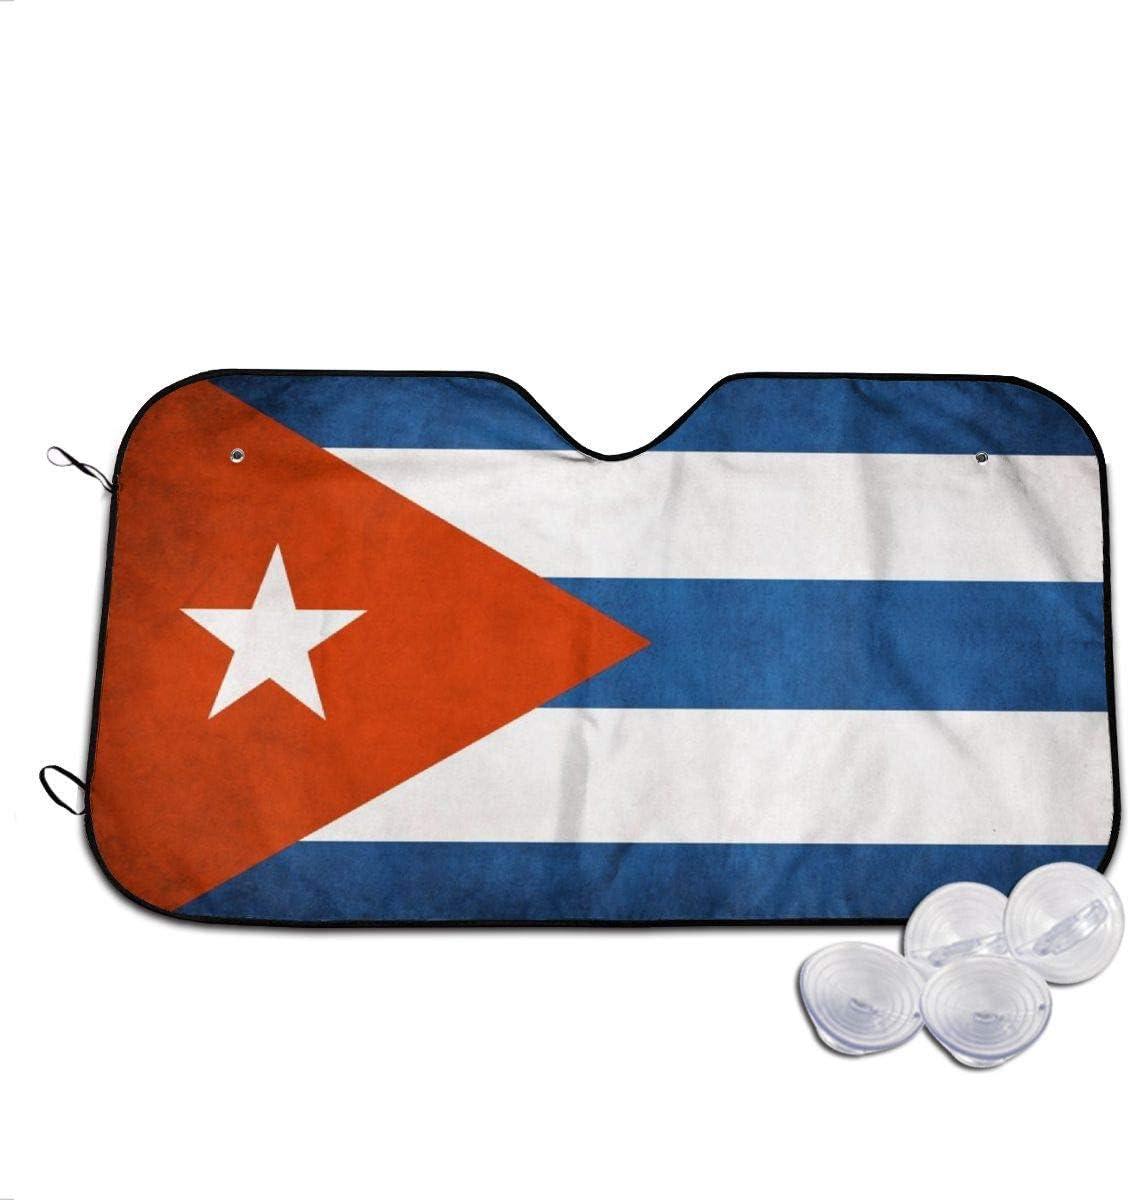 YJWLO Parabrisas de Coche con Bandera Cubana Plegable y Reflector UV para Ventana Delantera con Protector Solar con Dos tama/ños